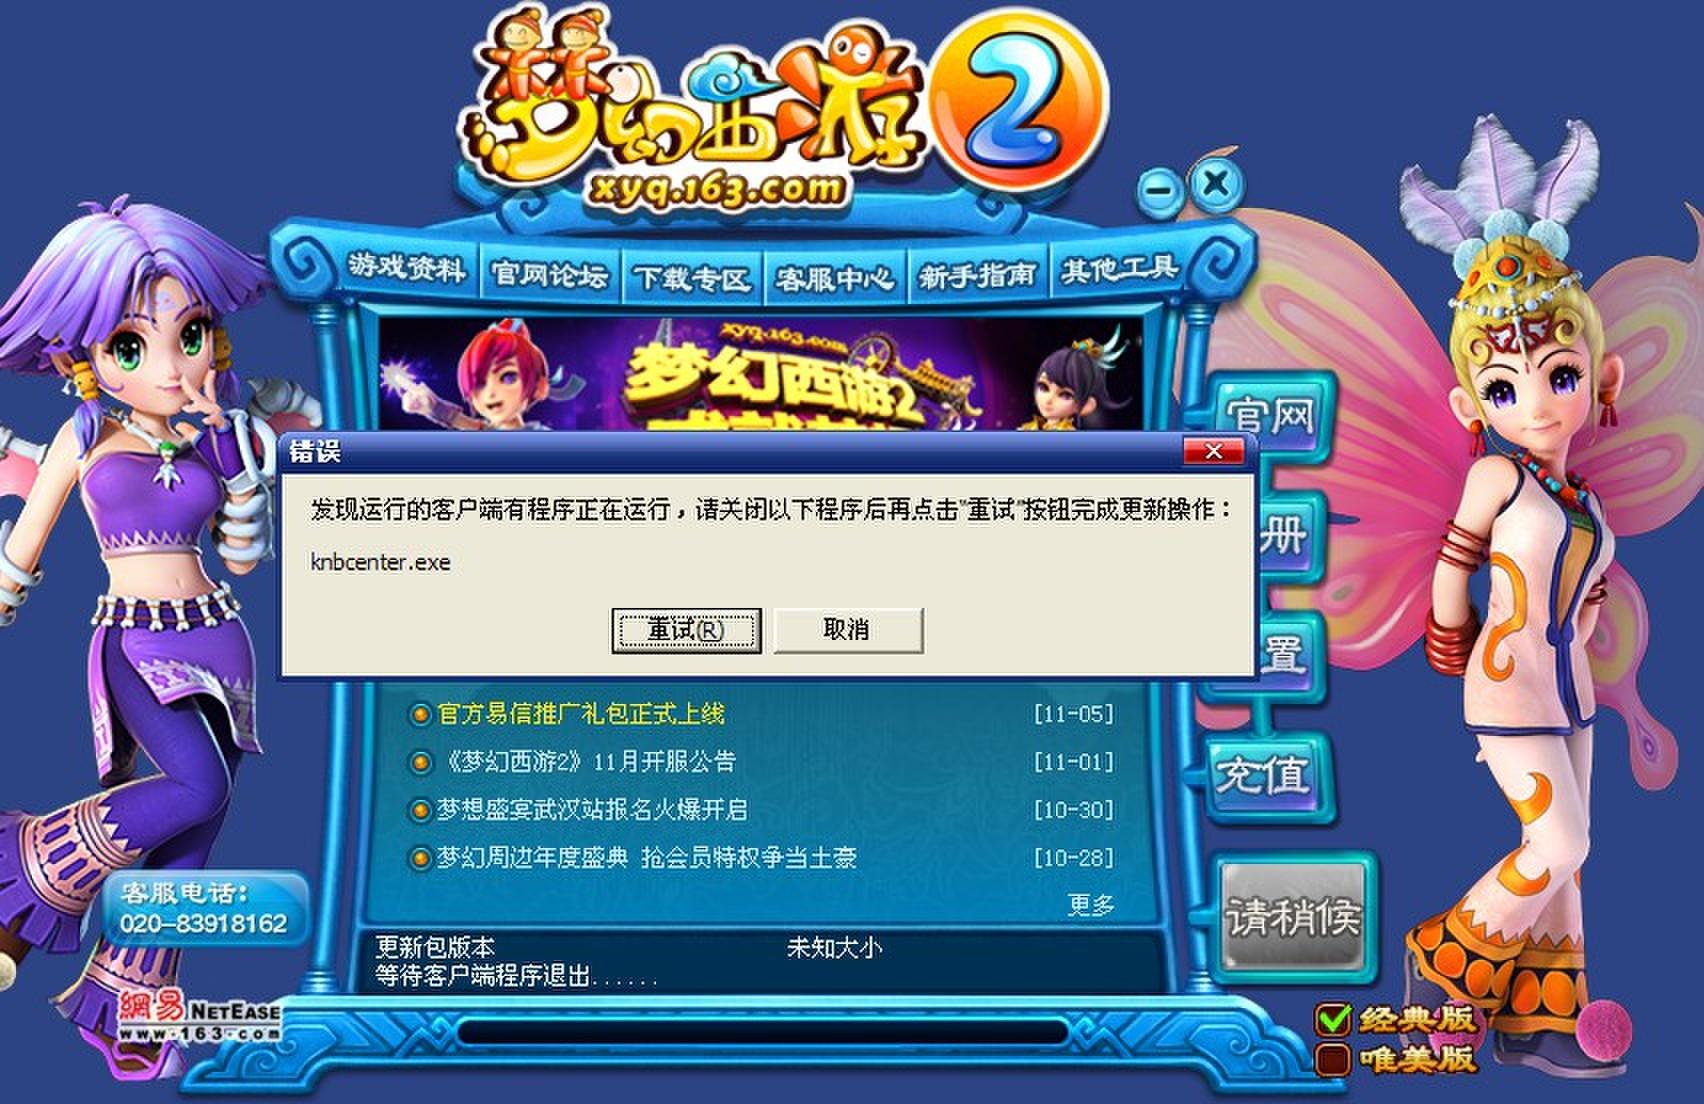 2013-11-14 05:52夜魉之主  分类:梦幻西游 分享到:  2013-11-14 07图片